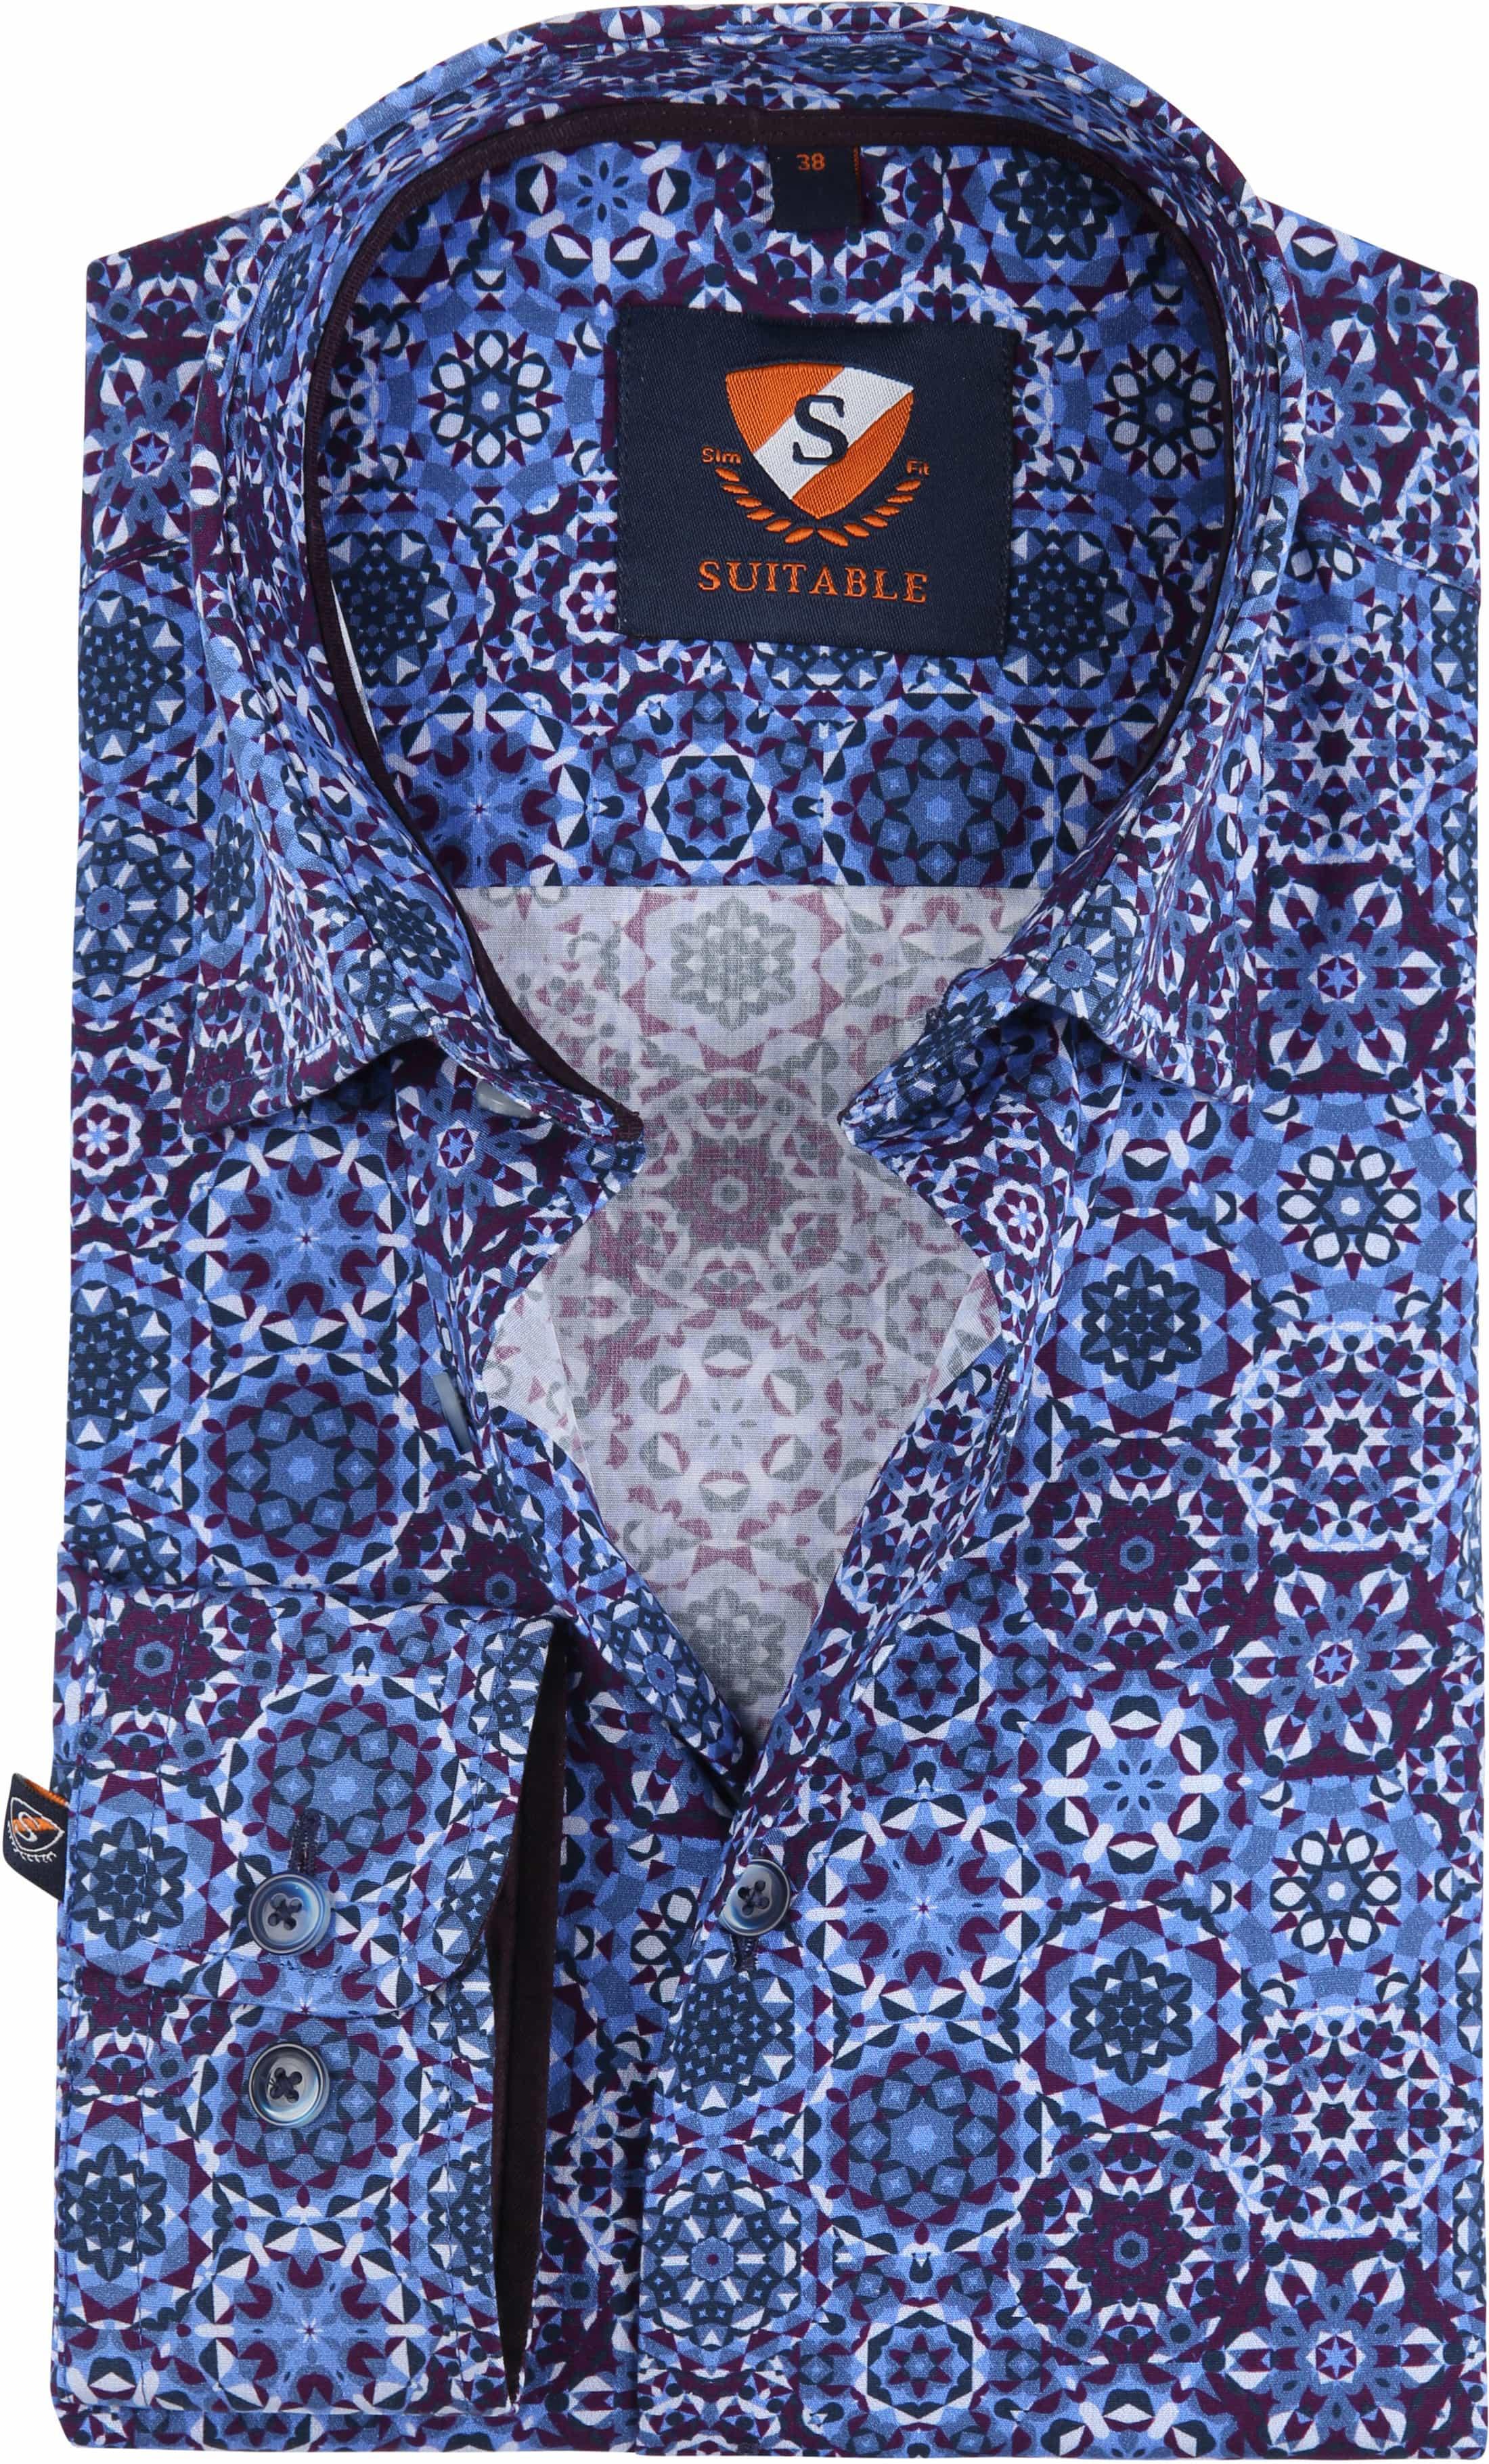 Suitable Overhemd Blauw Paars Dessin foto 0